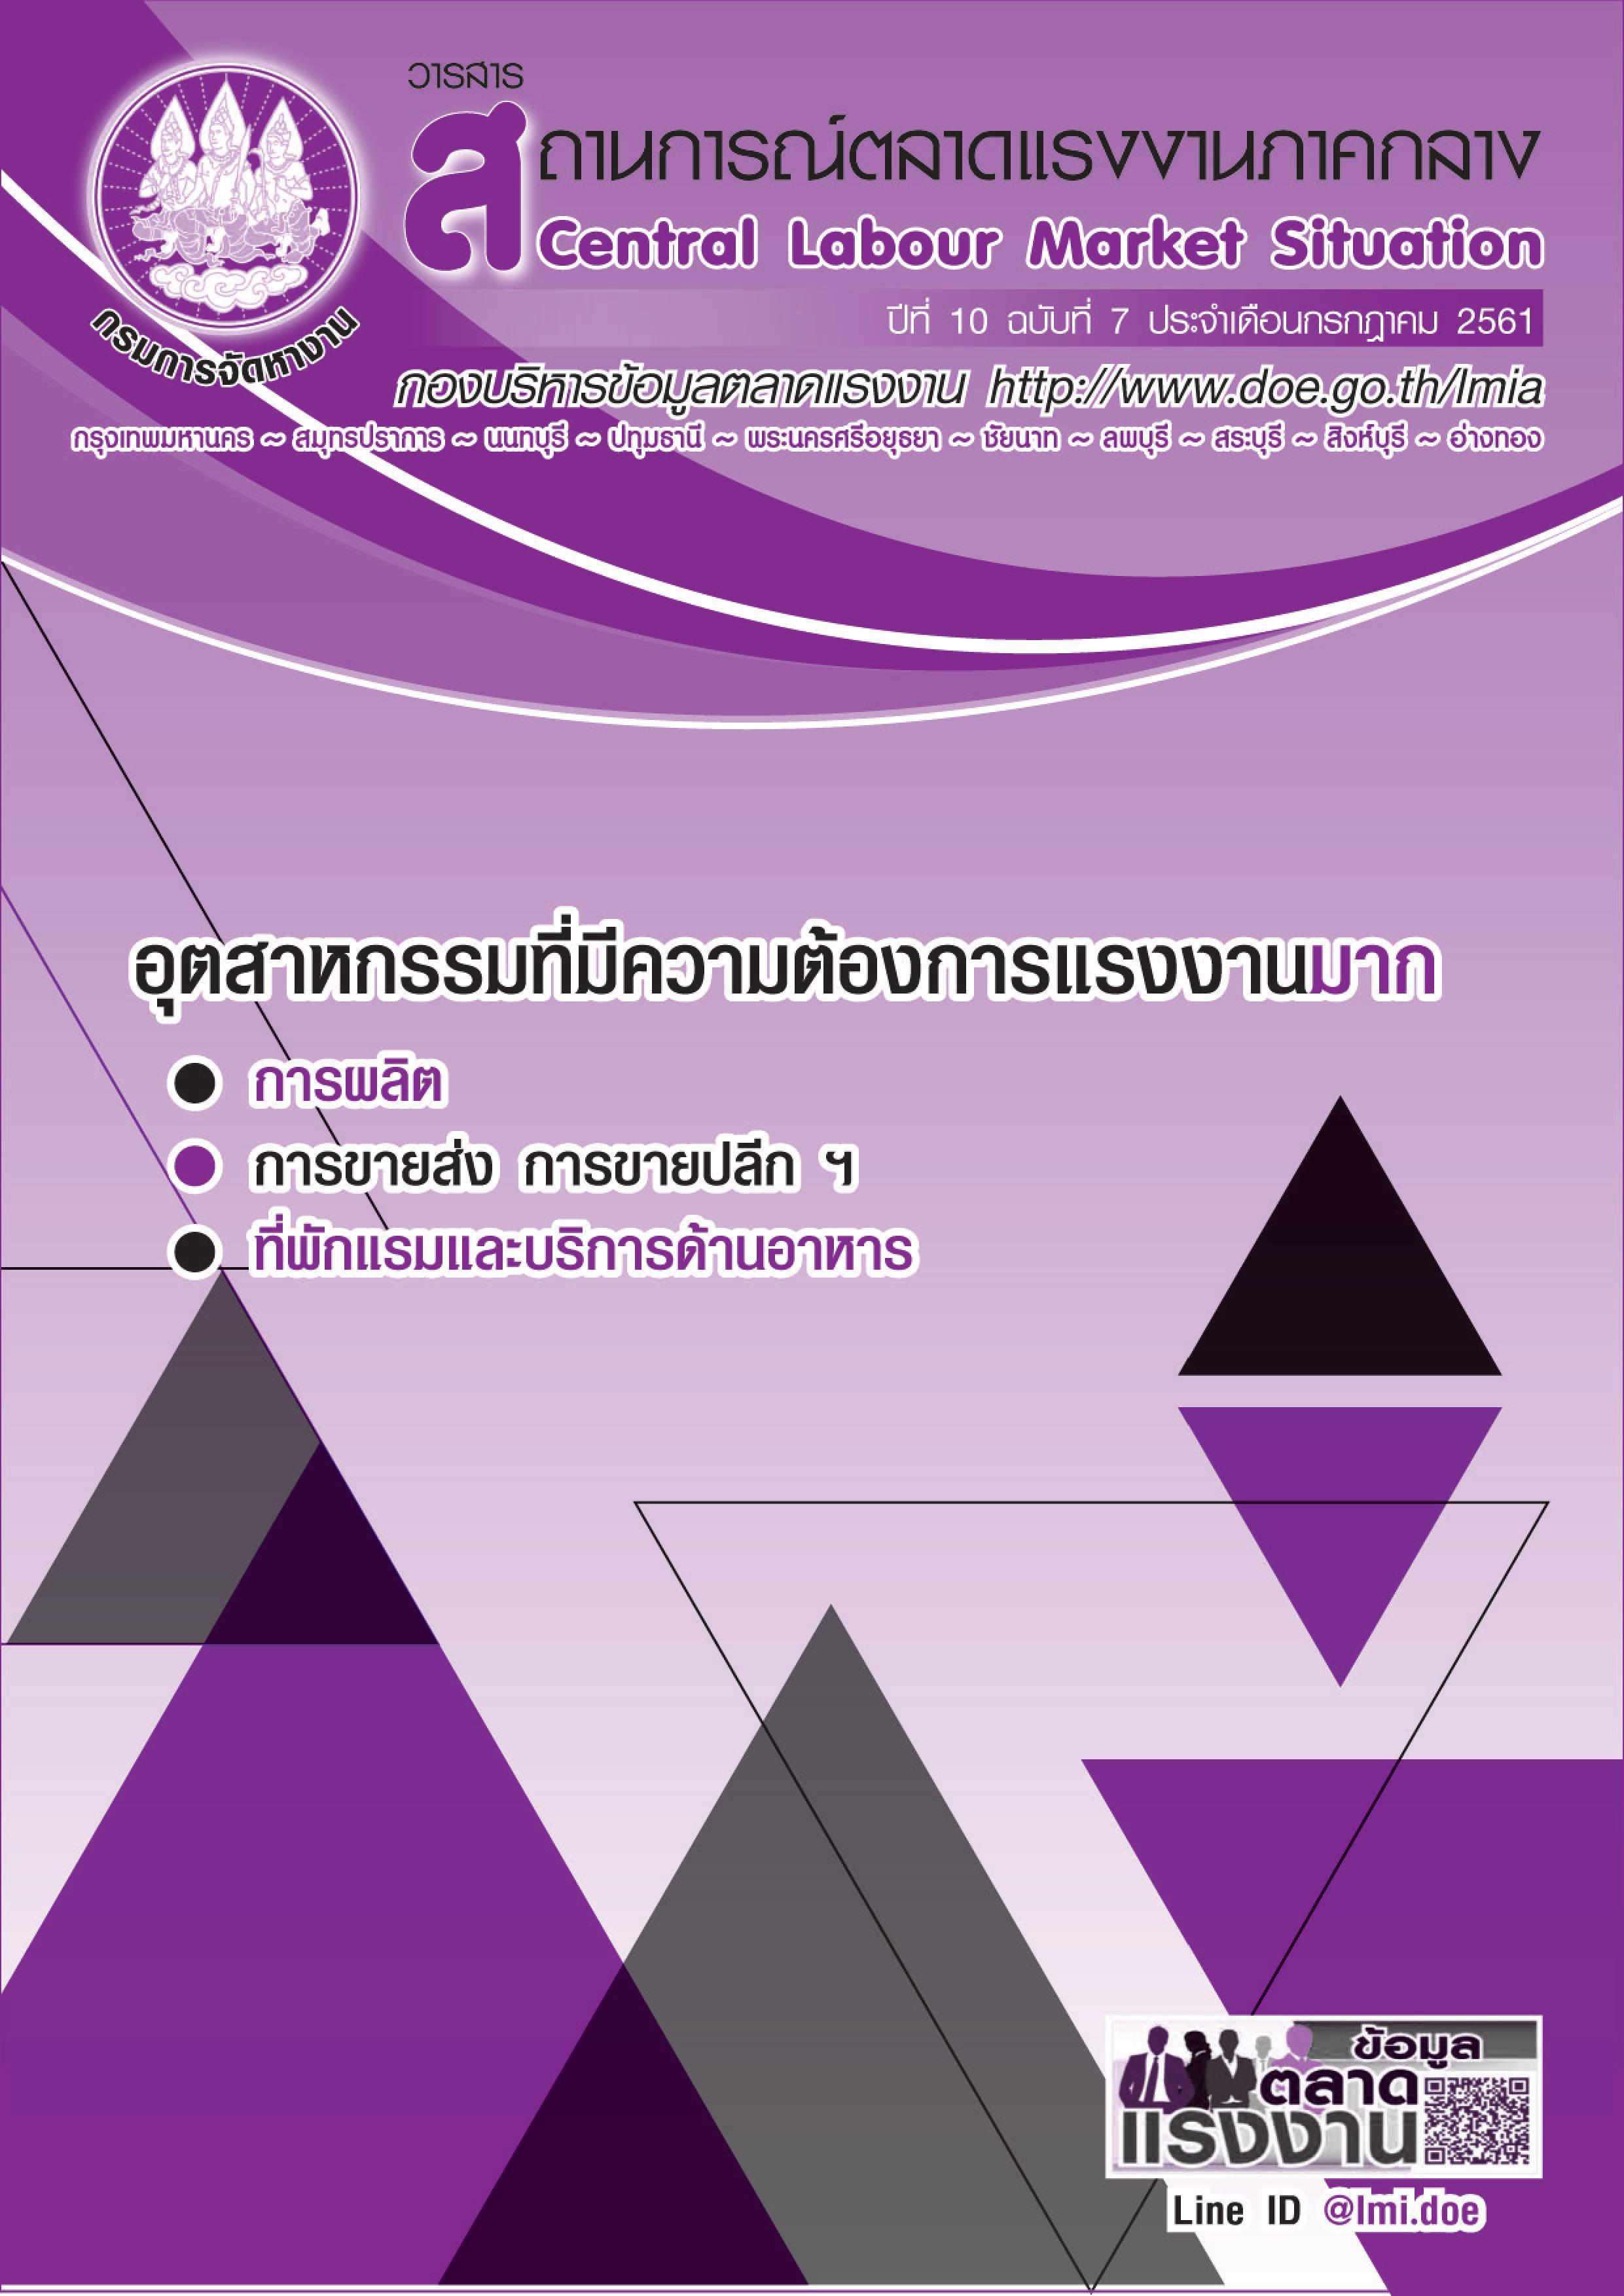 วารสารสถานการณ์ตลาดแรงงานภาคกลางประจำเดือนกรกฎาคม 2561